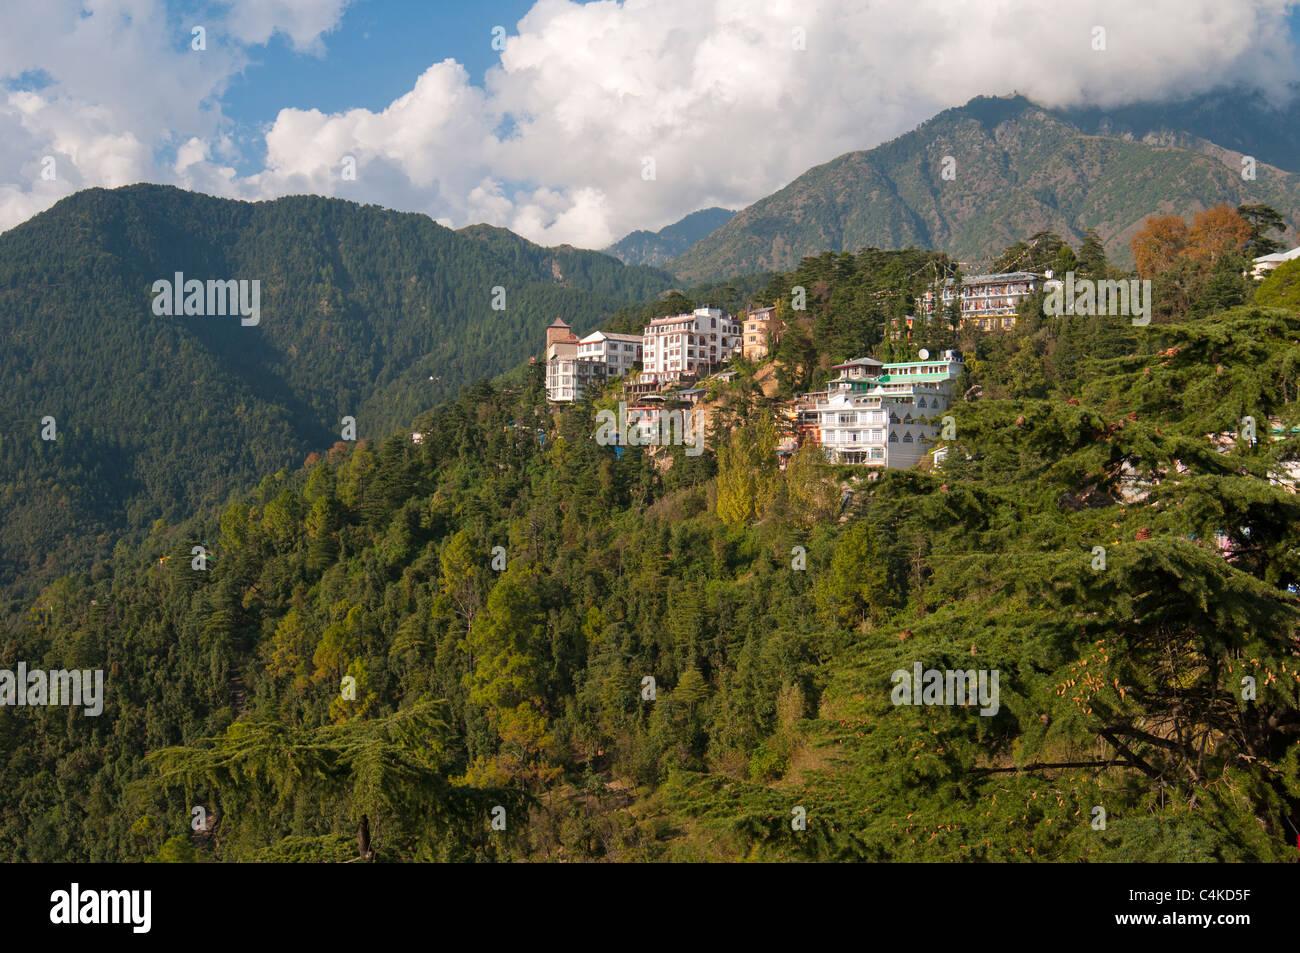 McLeod Ganj, Upper Dharamsala, Himachal Pradesh, India, Asia Stock Photo